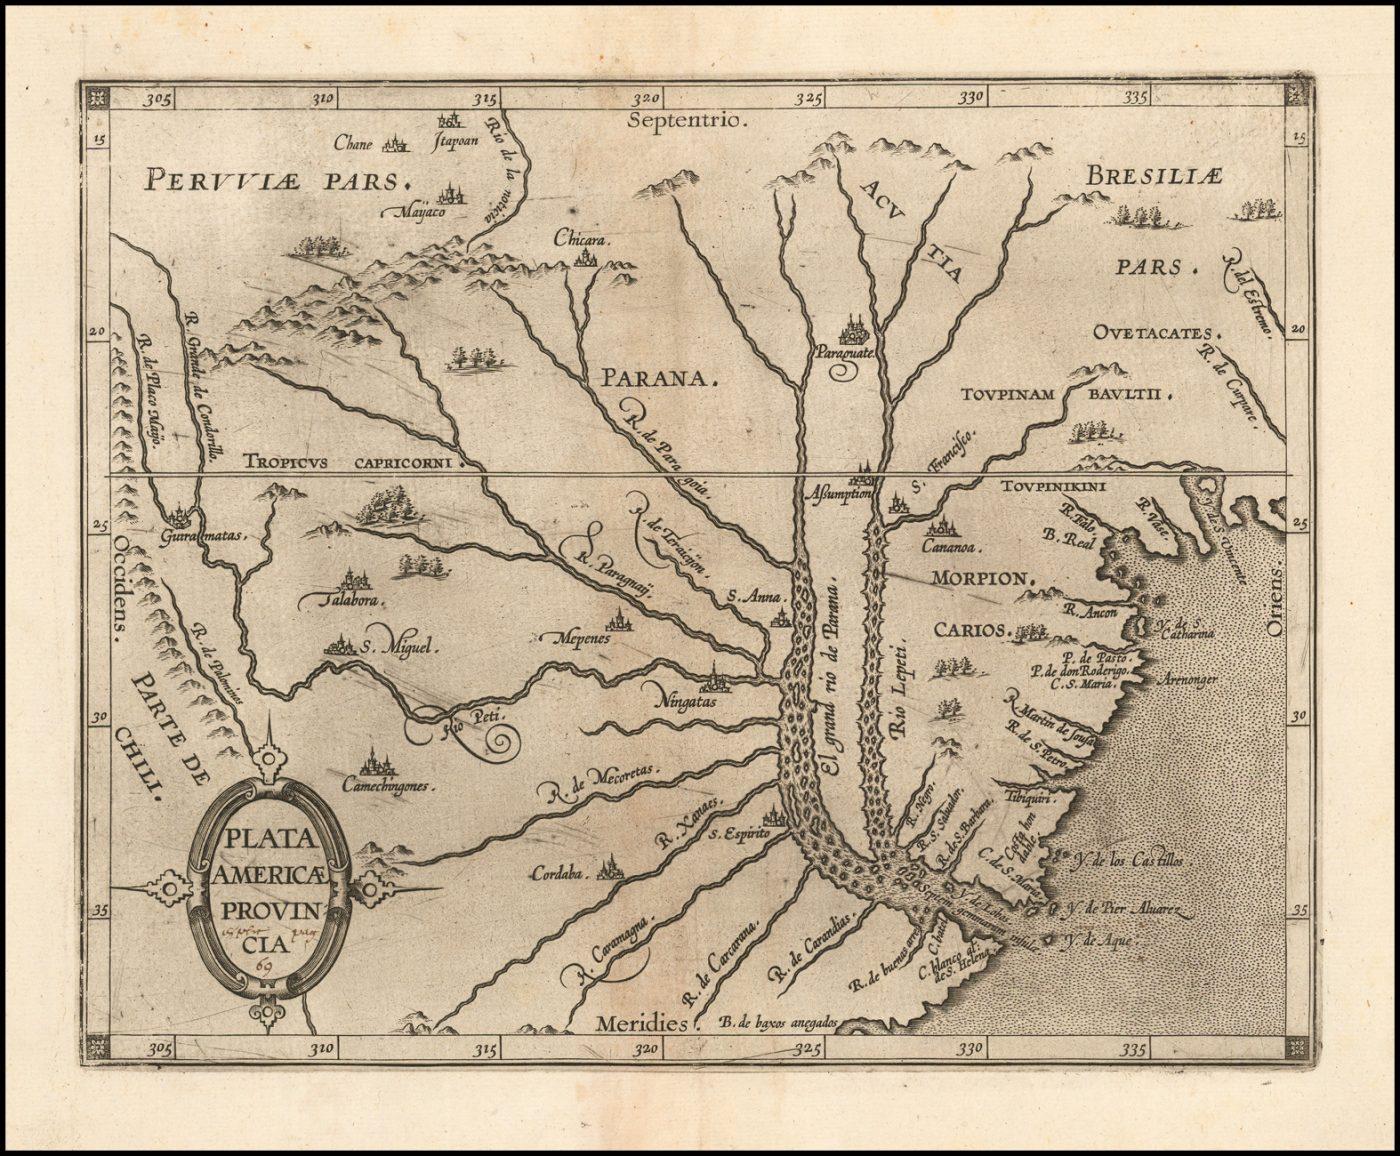 Важная ранняя карта Аргентины, Уругвая и южной части Бразилии с центром в Рио-плате, указанием ее водосборного бассейна и многочисленных ранних поселений